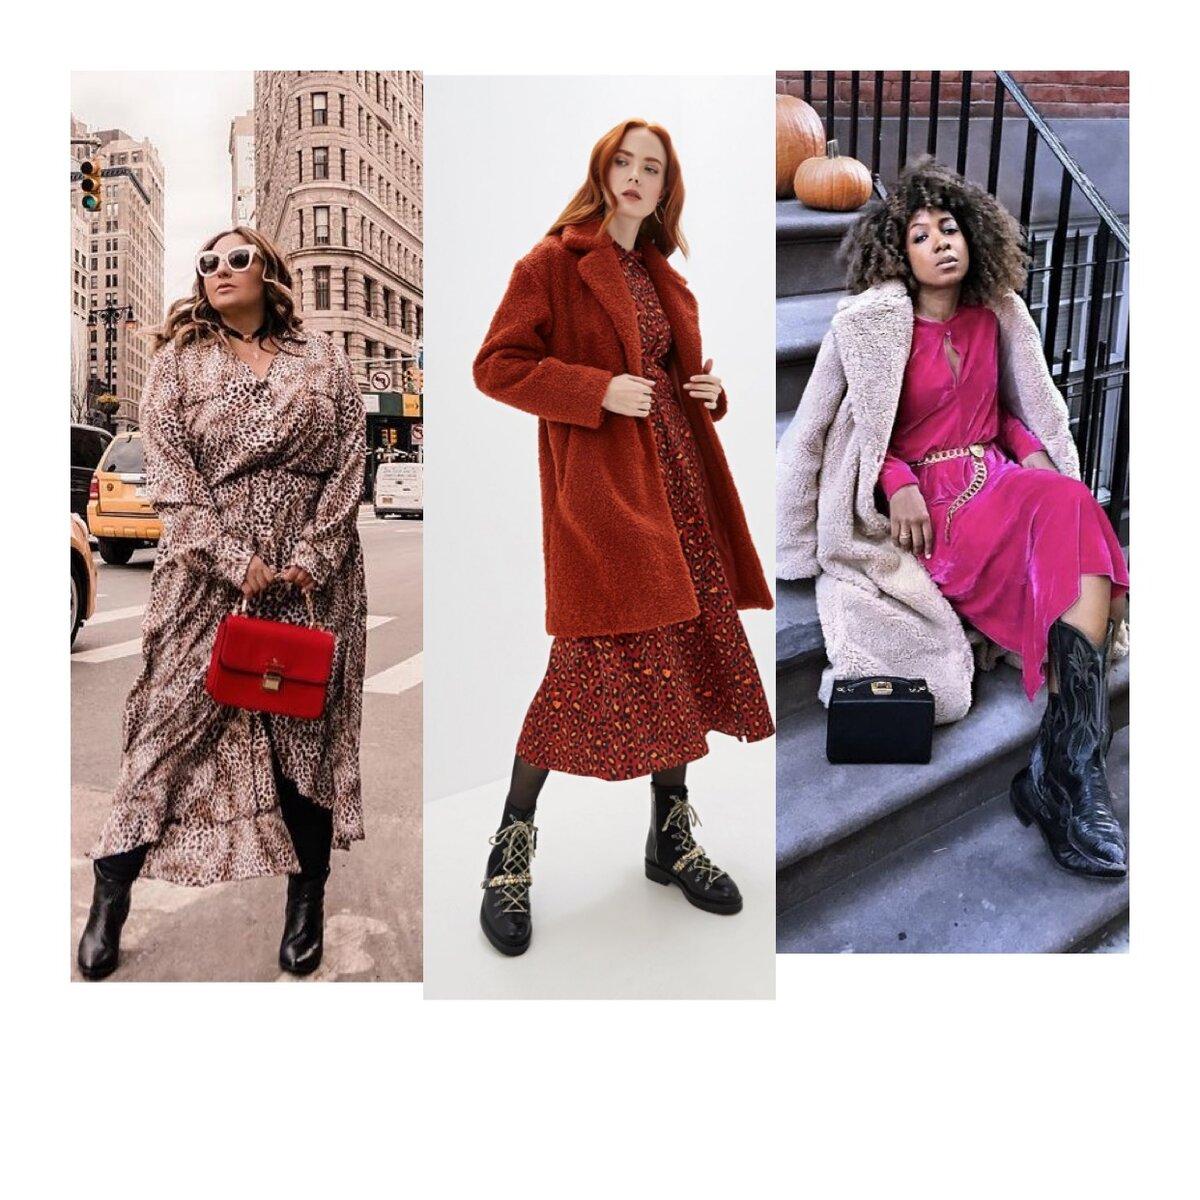 Что надеть если нет желания наряжаться? гардероб,мода и красота,модные образы,одежда и аксессуары